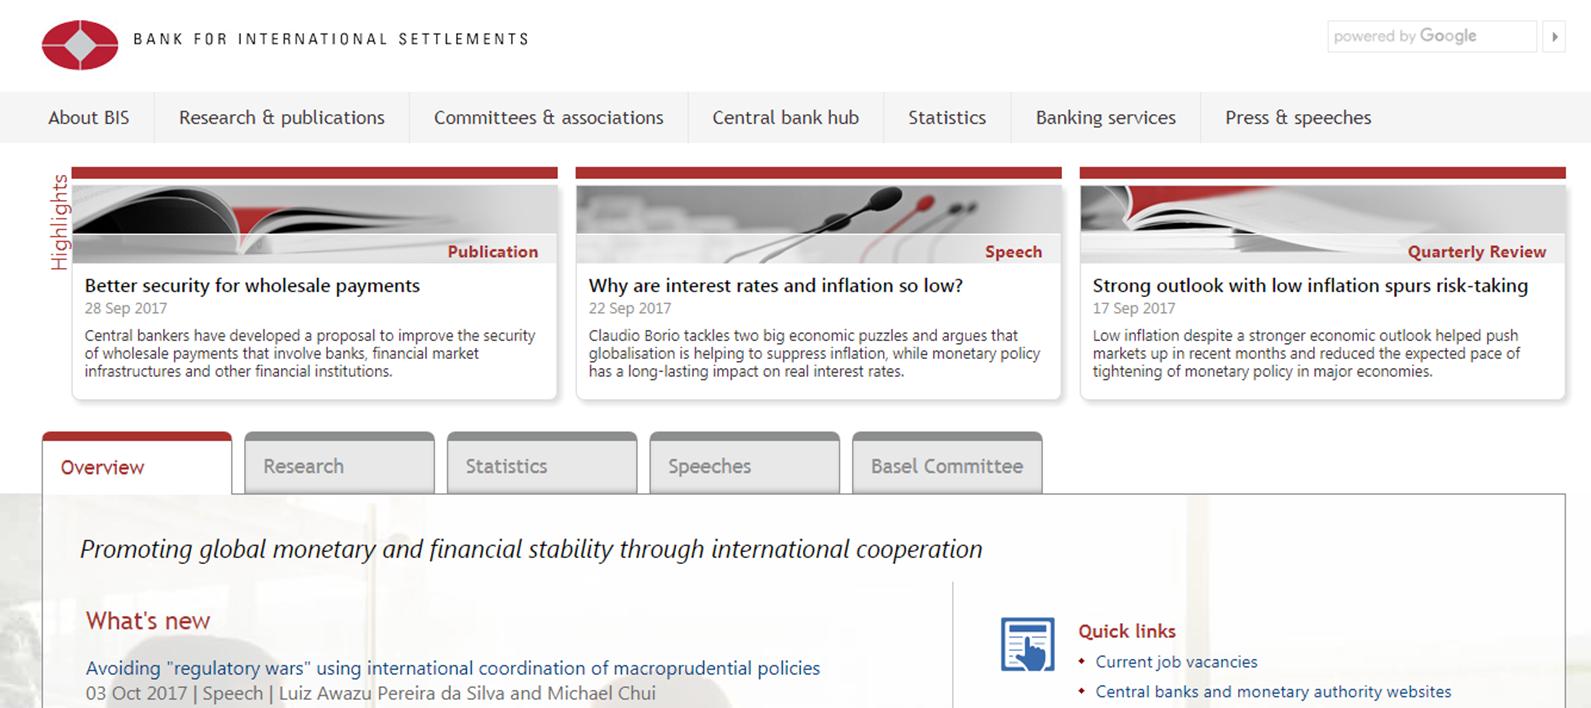 日銀黒田総裁が国際決済銀行(BIS)の会合でデジタル通貨の研究を示唆